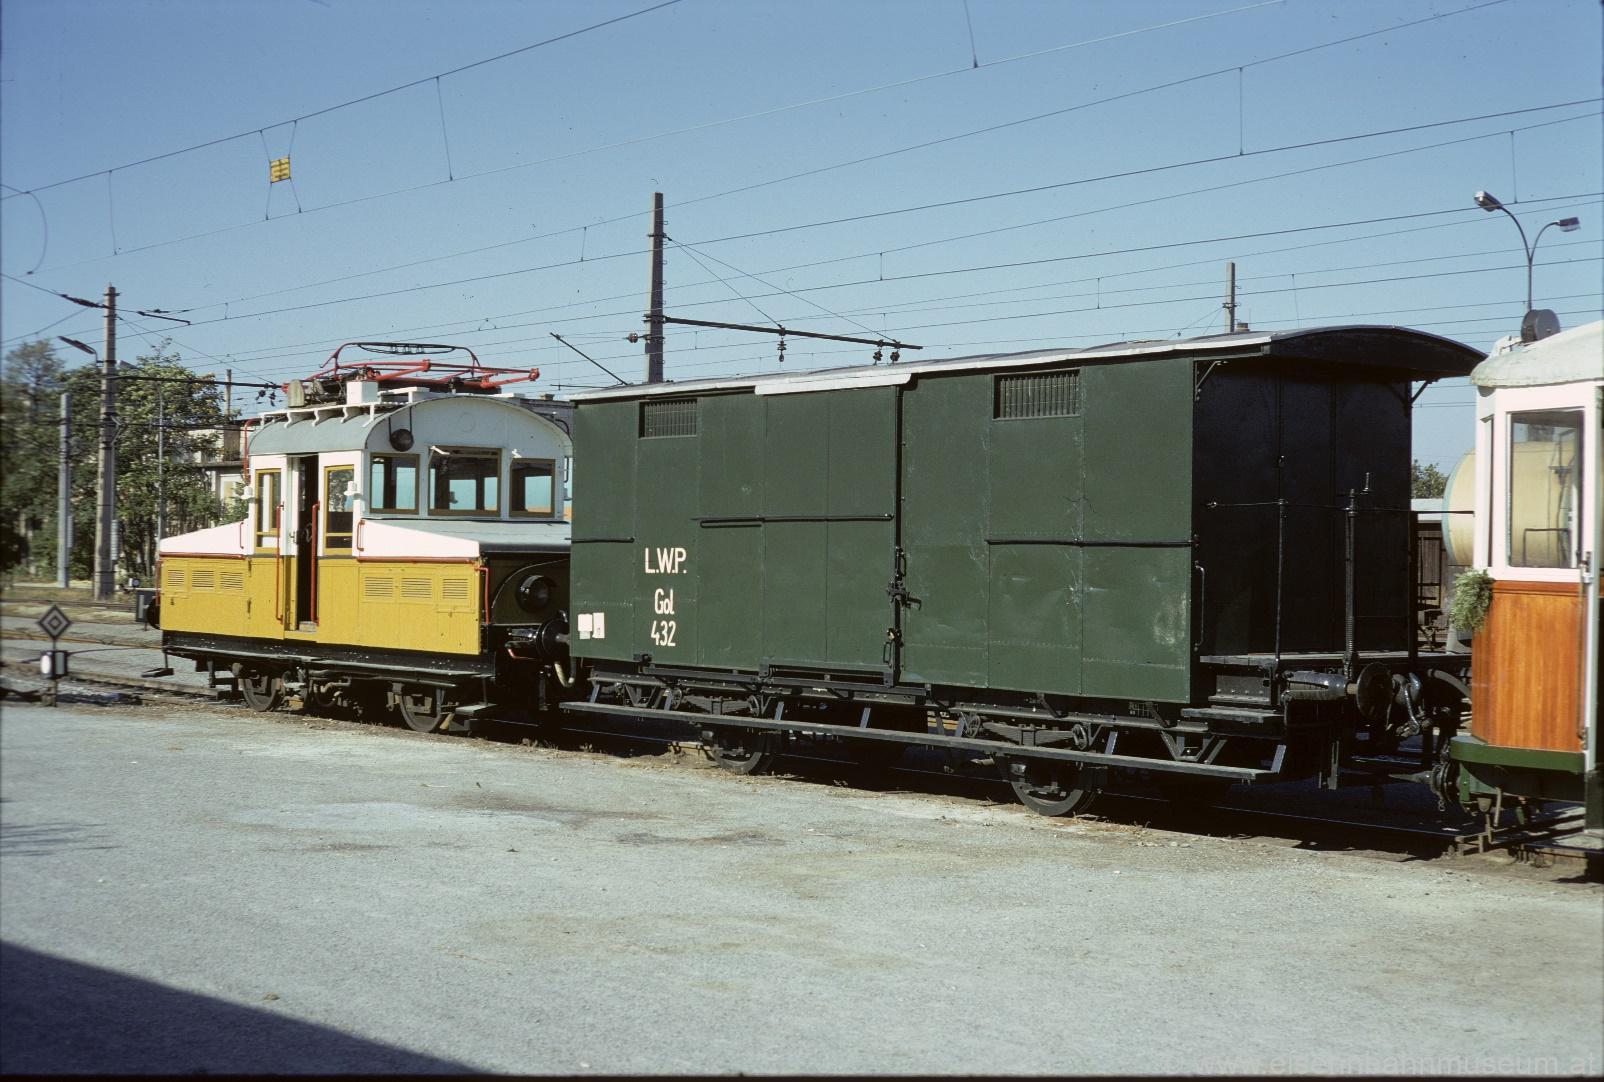 Dienstwagen LWP Gol 432